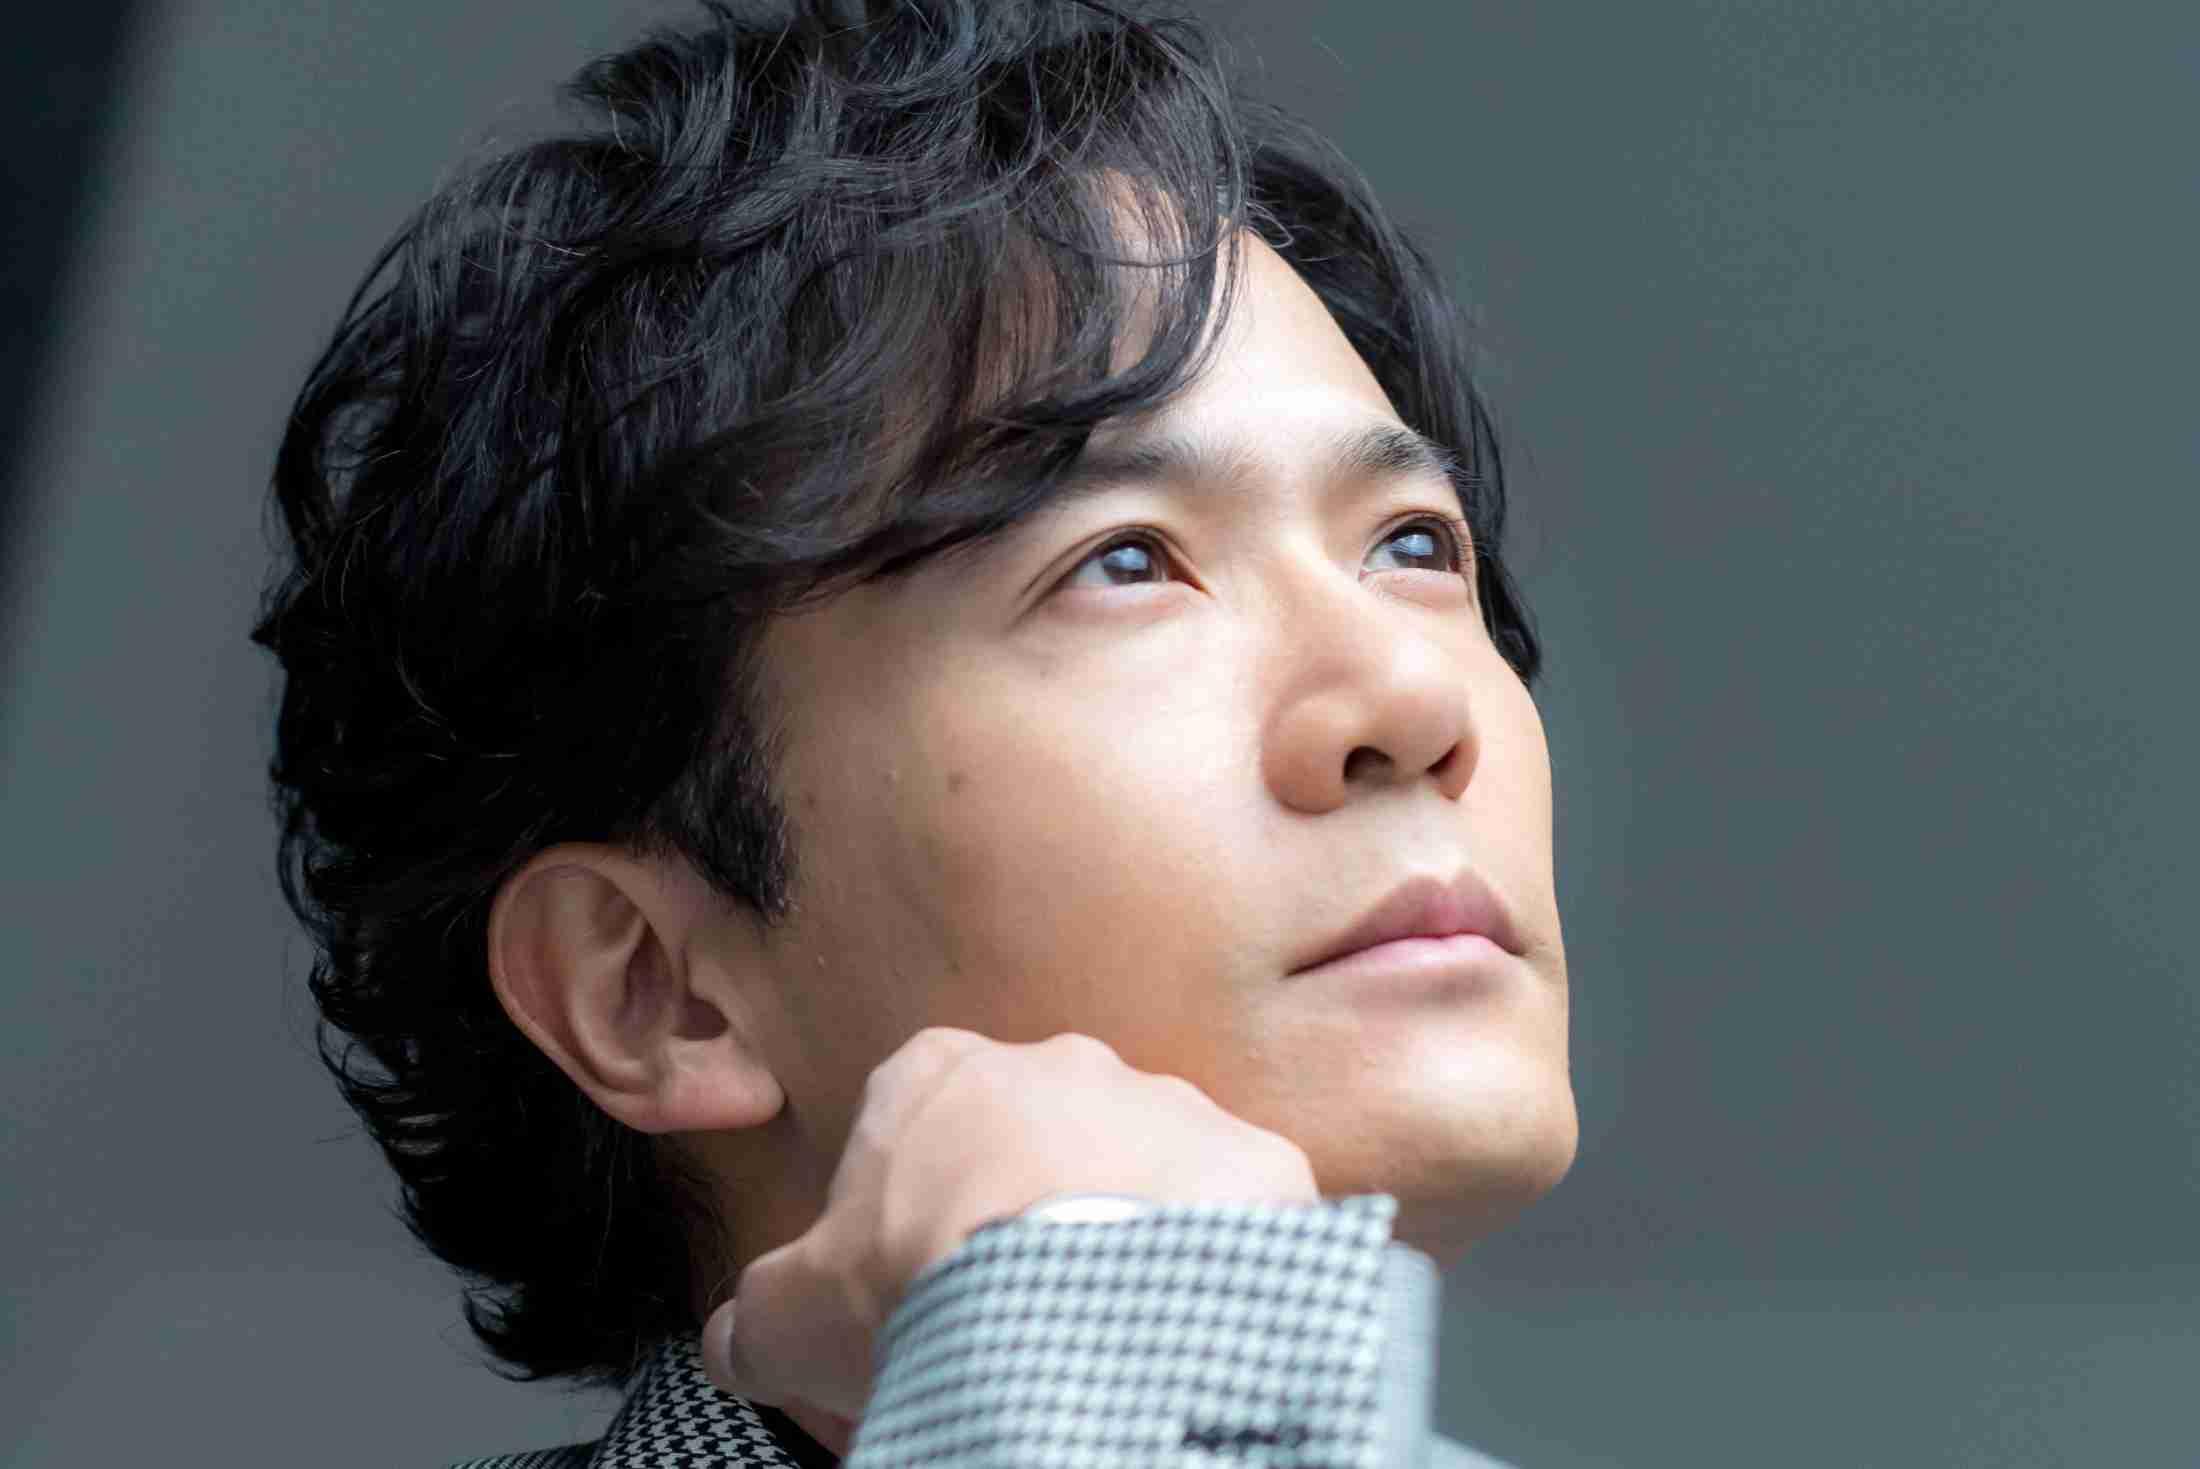 稲垣吾郎 72時間ホンネテレビで見せた「涙のワケ」 (NIKKEI STYLE) - Yahoo!ニュース